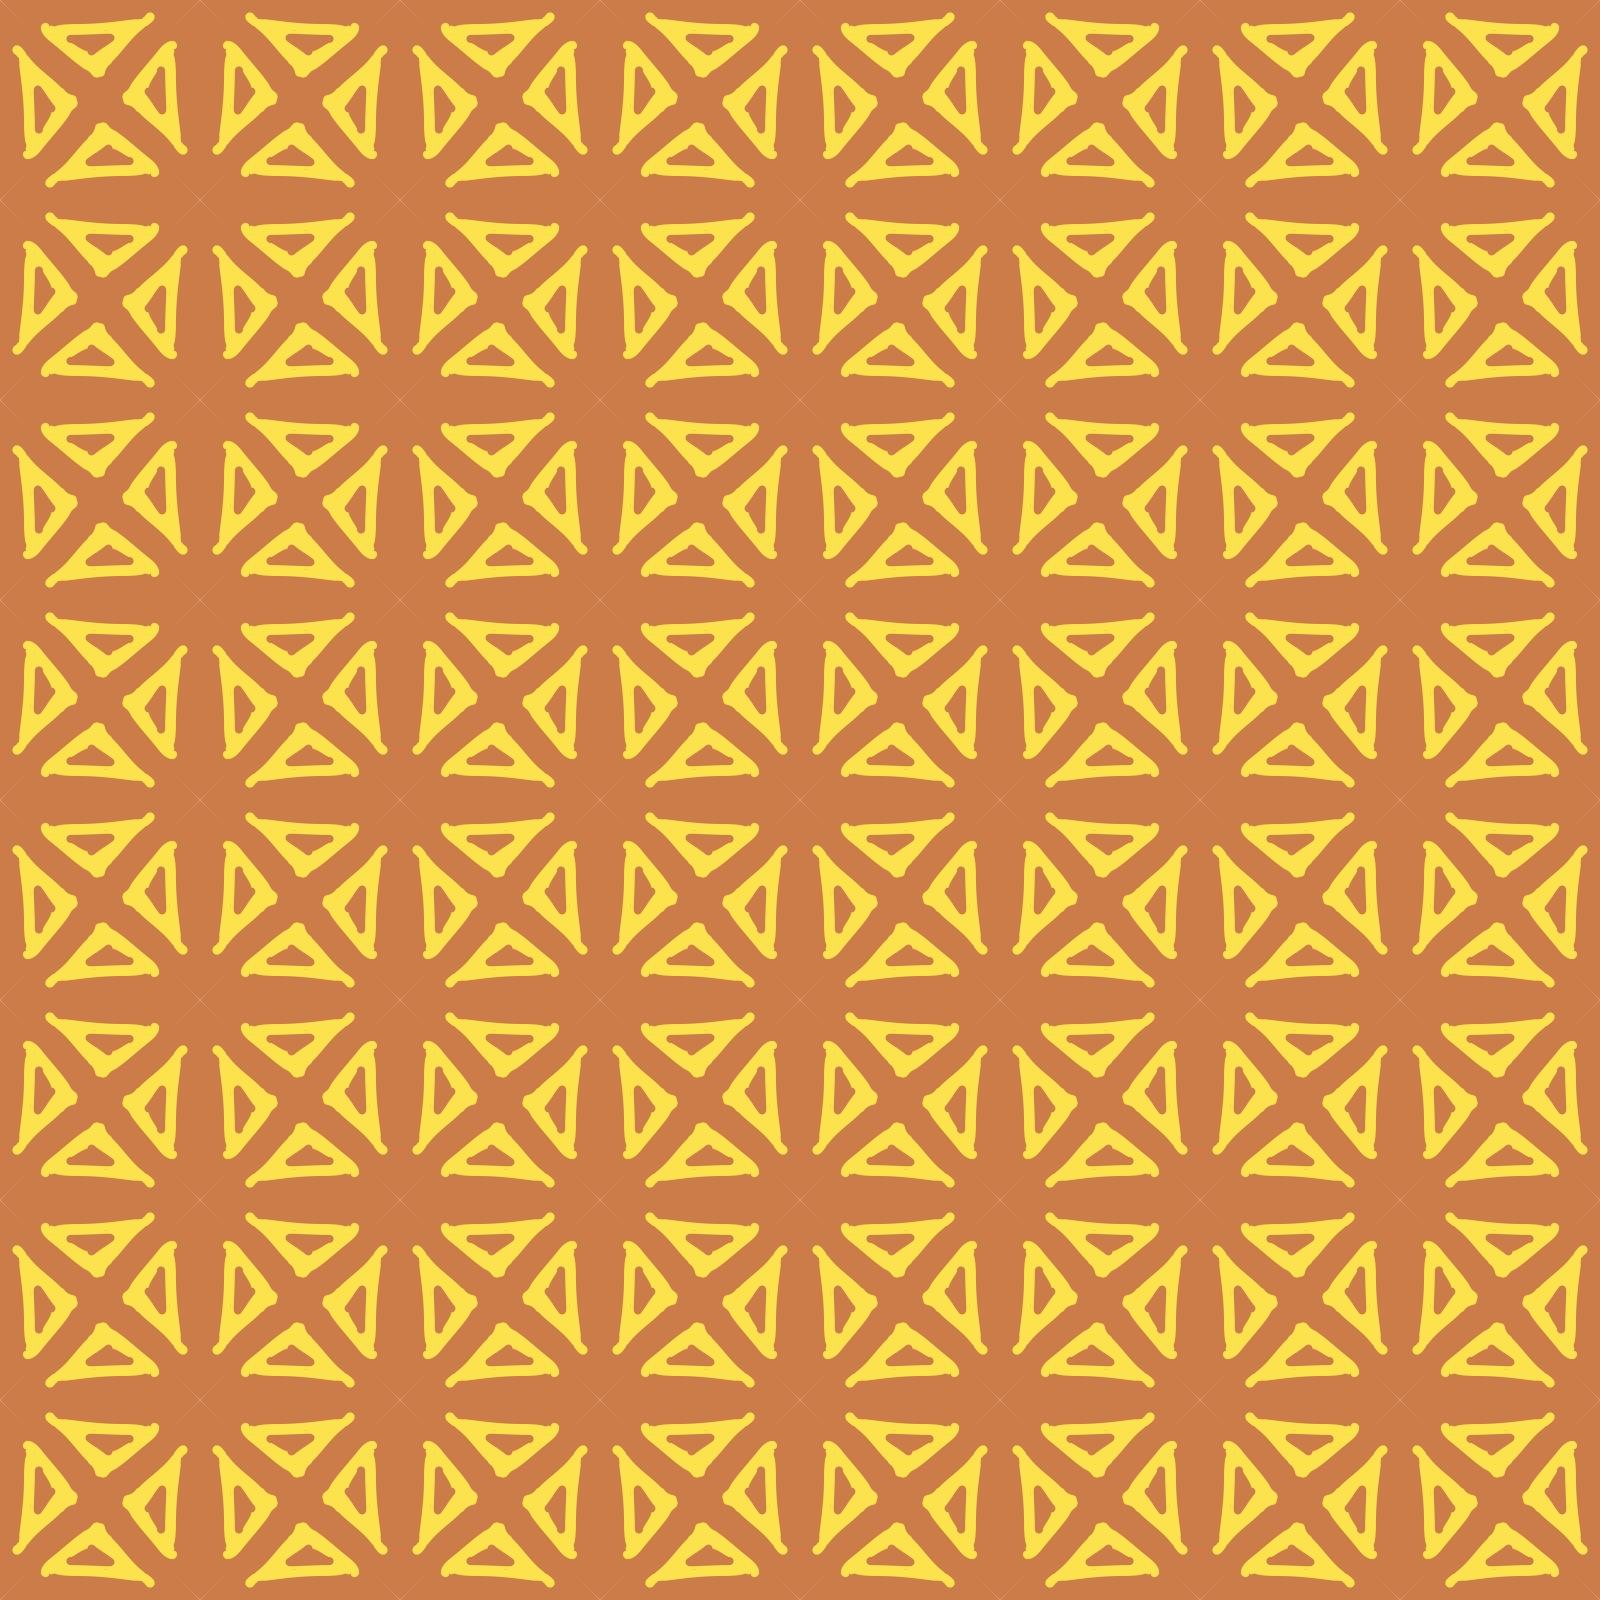 133_tiled